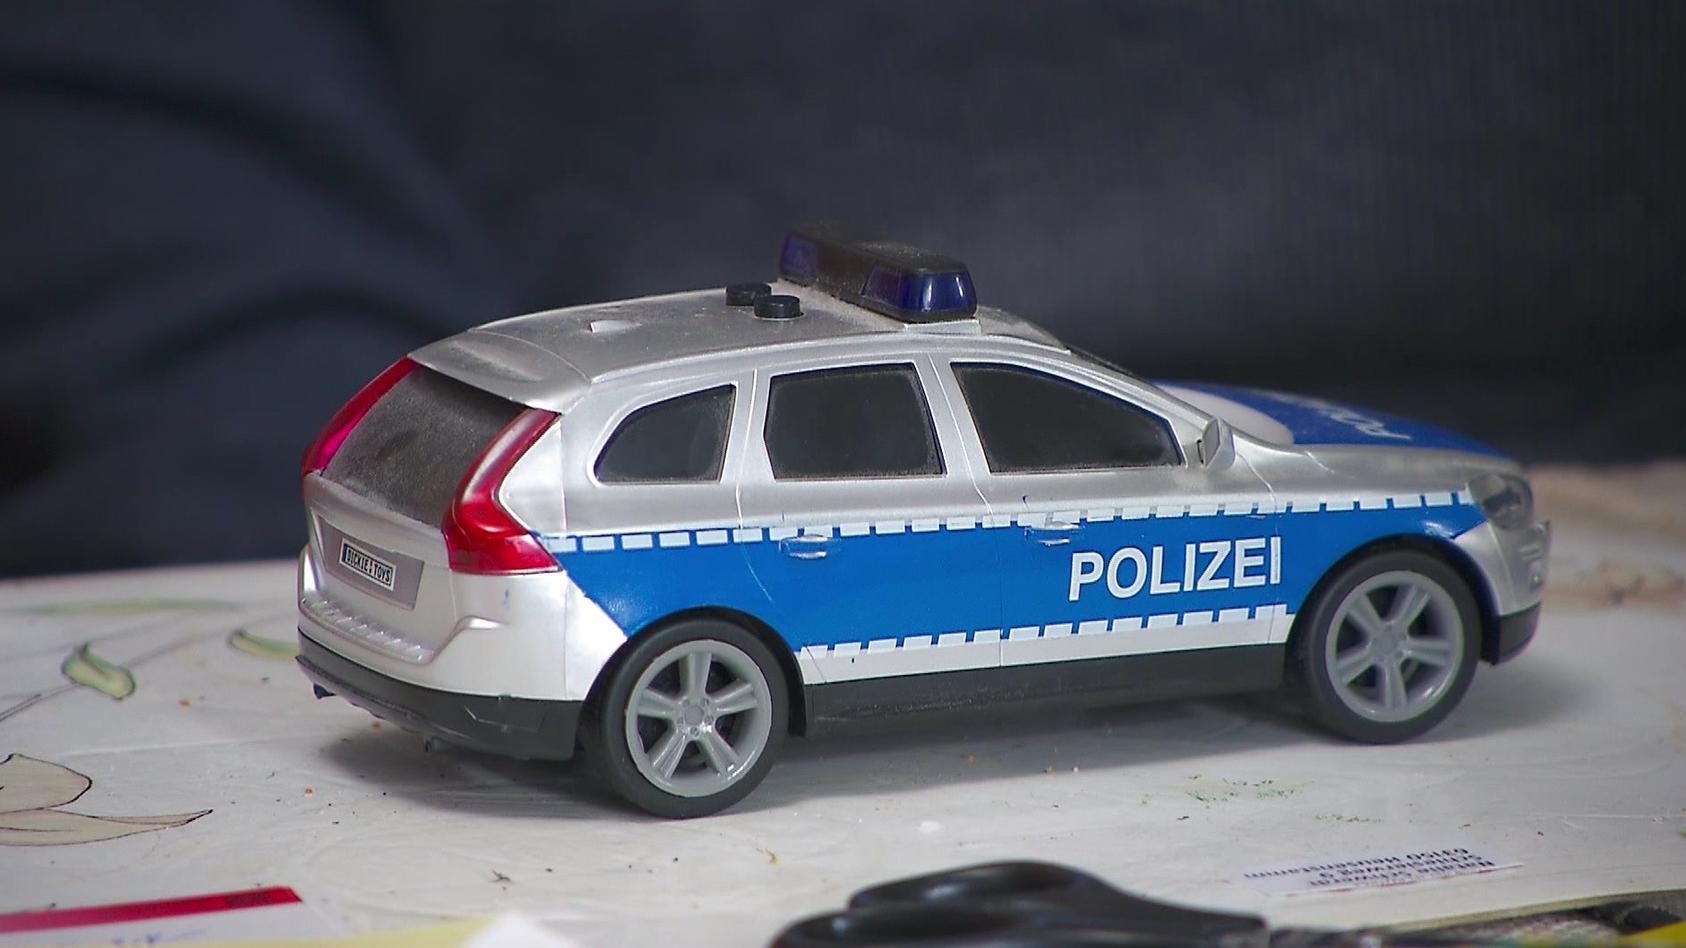 Ein lautes Spielzeugauto hat in Oranienburg einen Polizeieinsatz ausgelöst. (Foto: Motivbild)